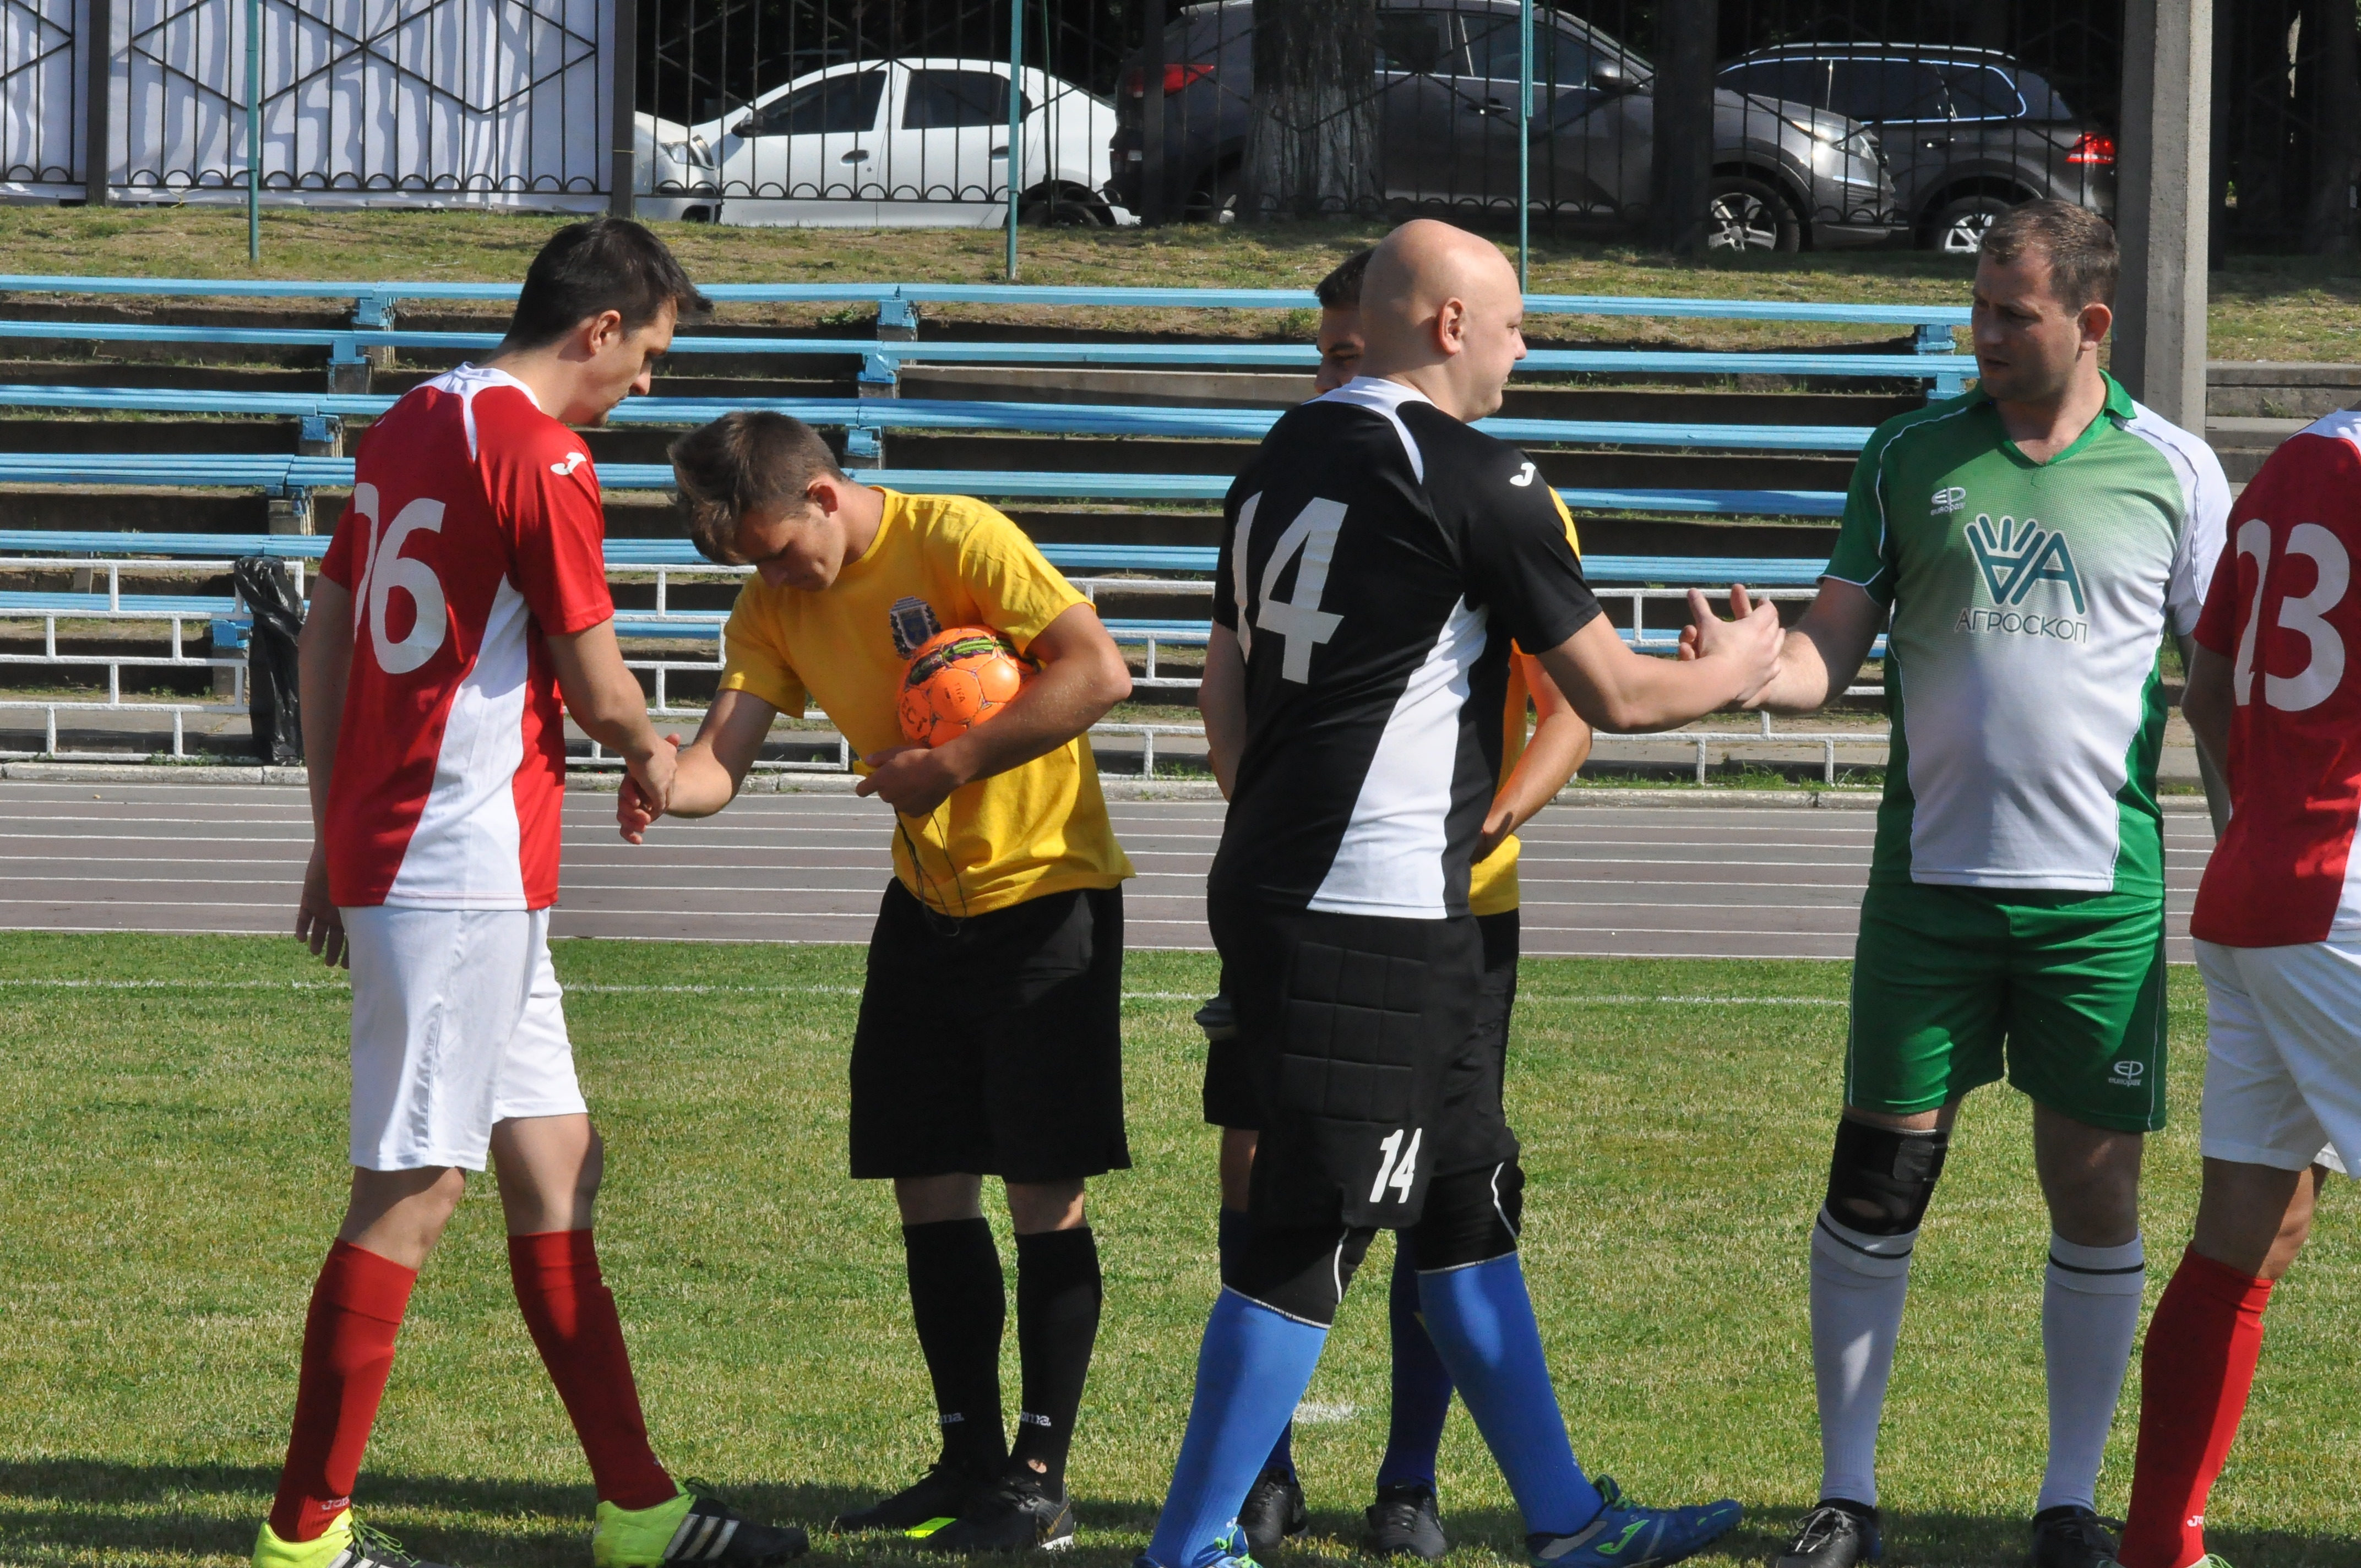 В Киеве в День защиты детей стартовал футбольный турнир - изображение 2